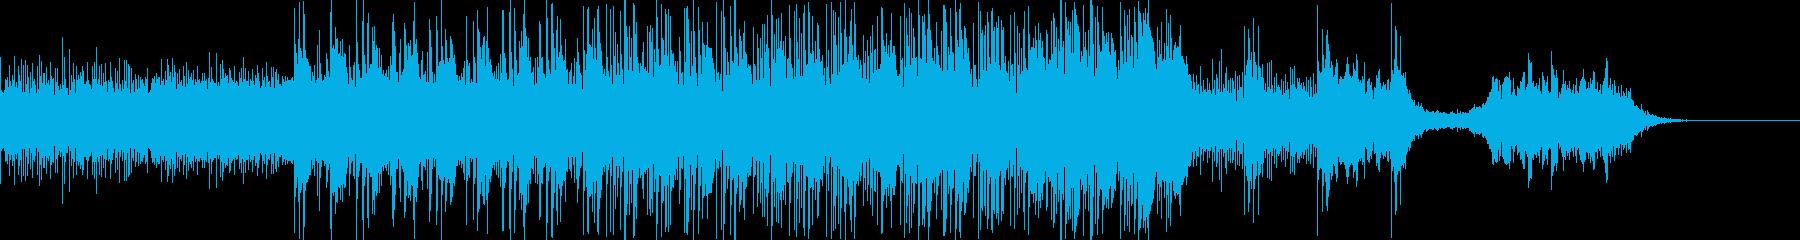 幻想的で宇宙的な、工場系機械的サウンドの再生済みの波形